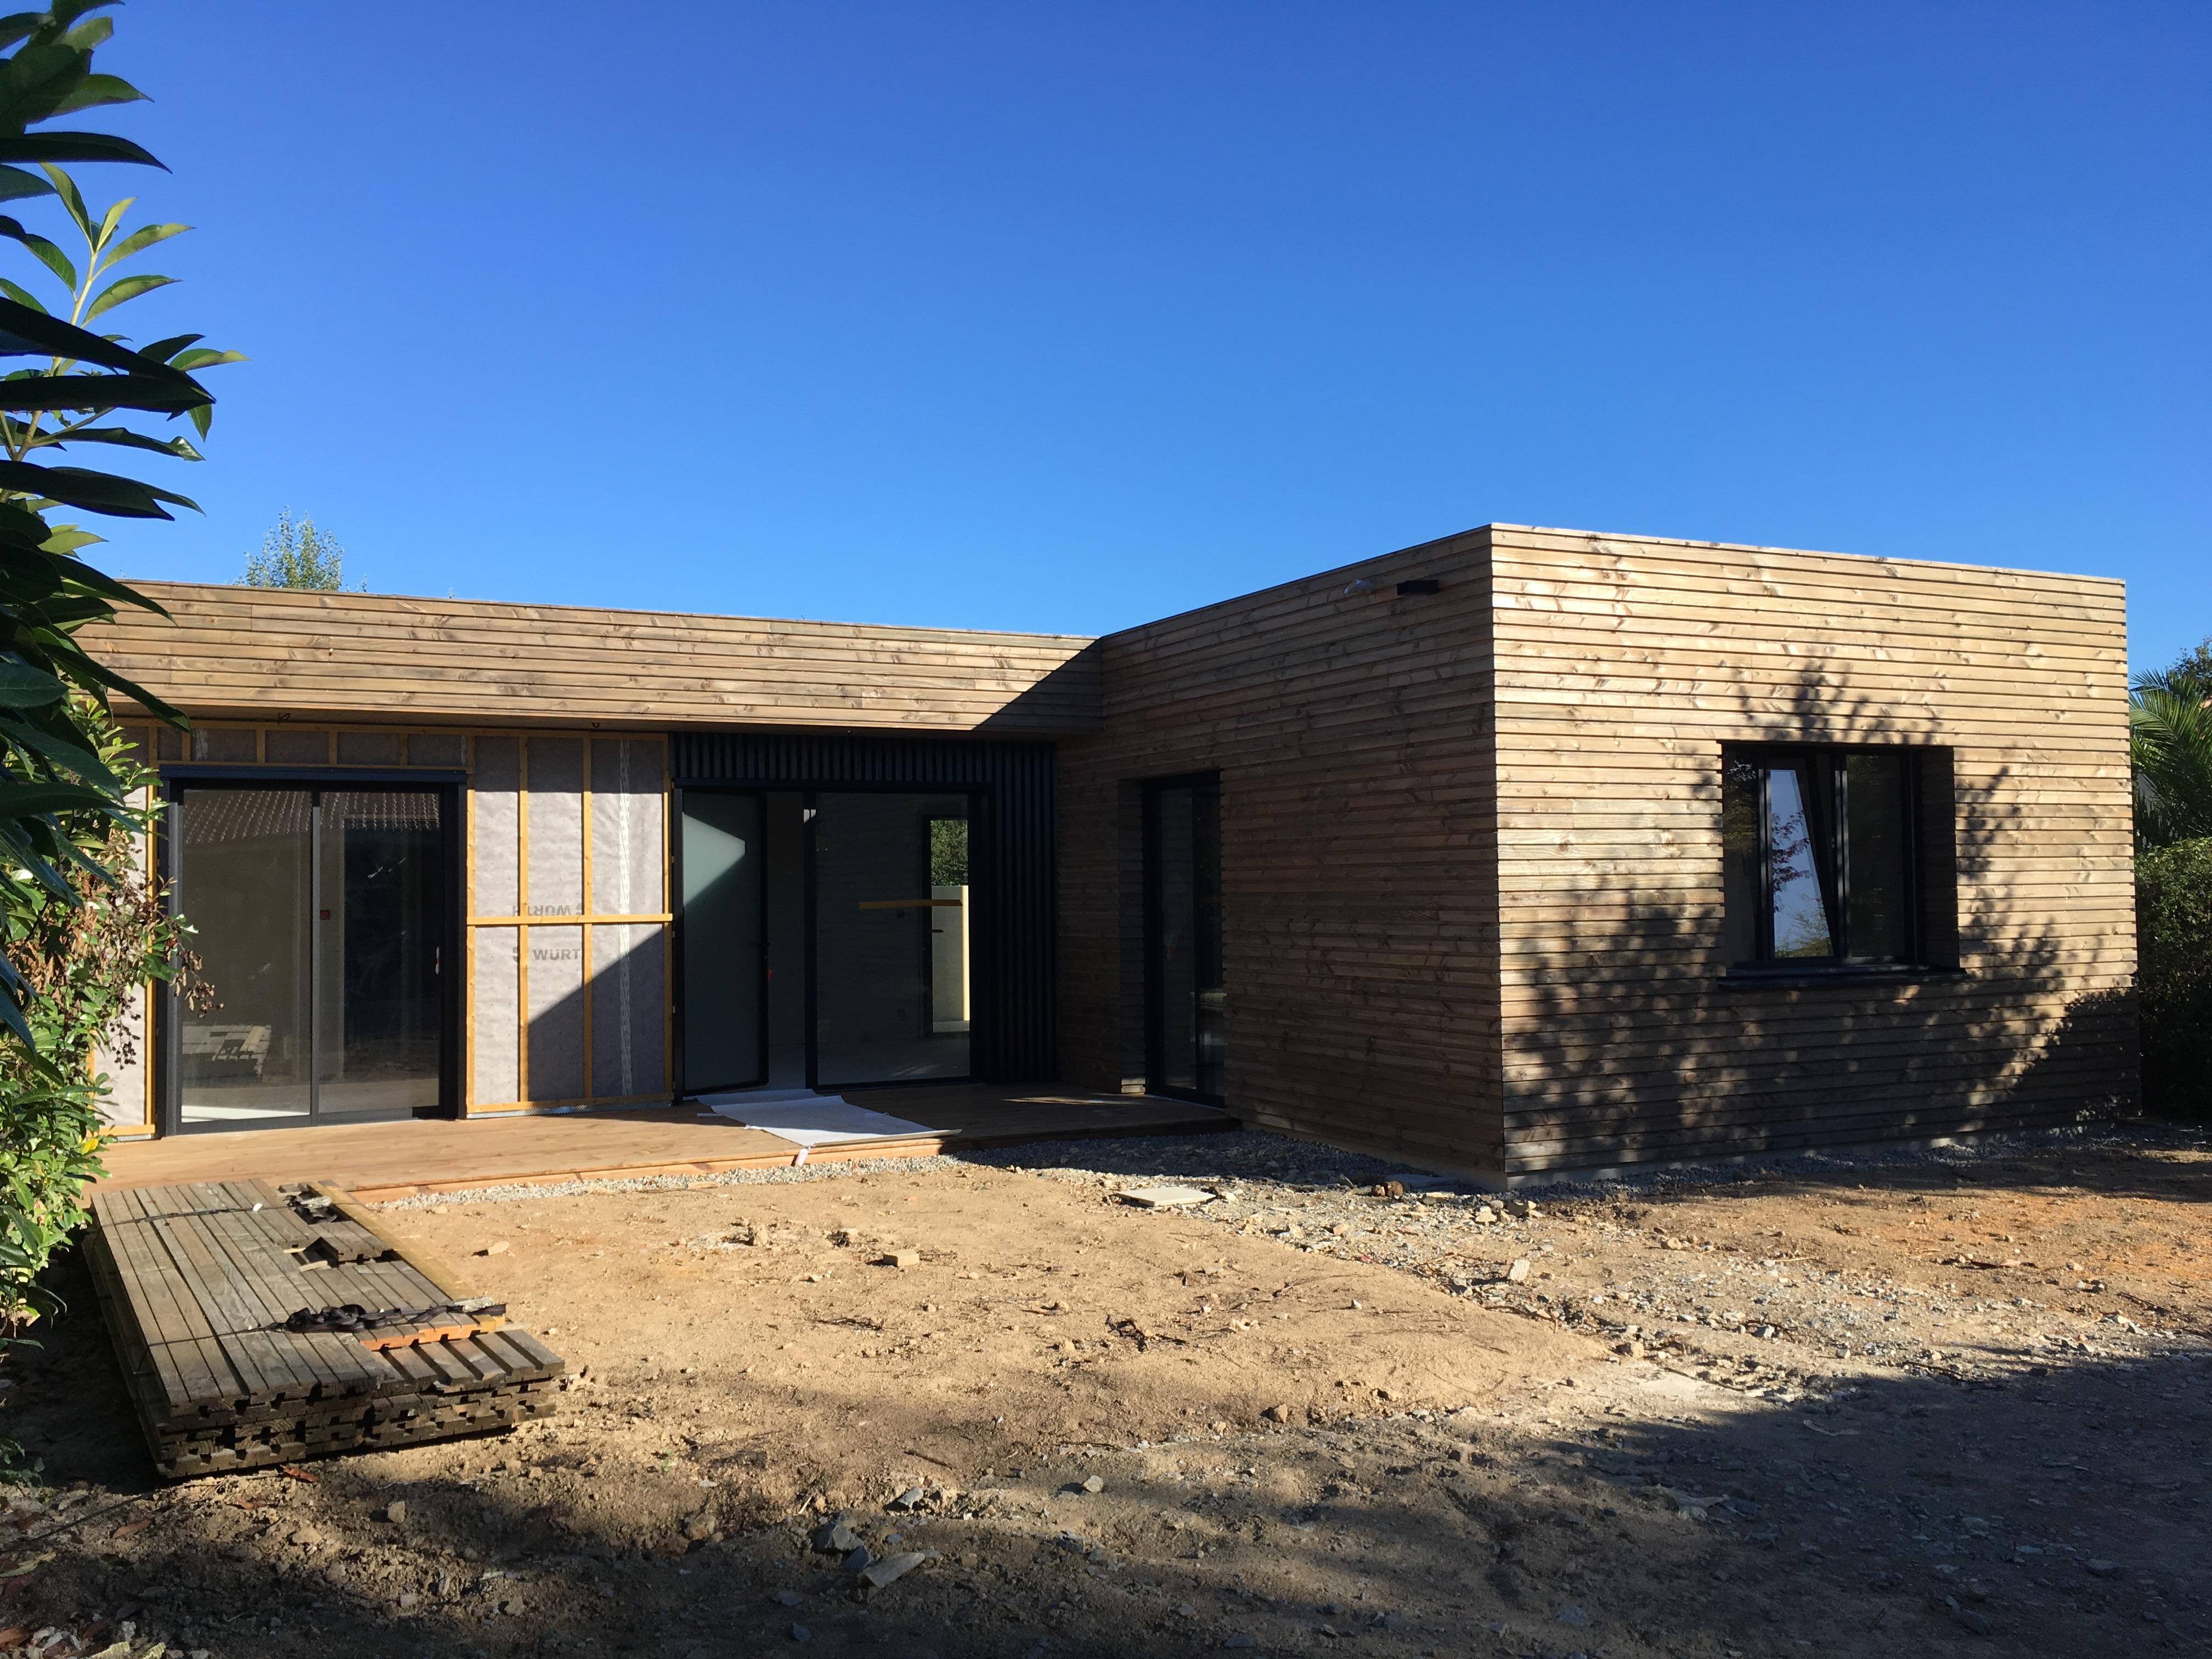 Maison individuelle ossature bois piscine lm architecte for Maison individuelle architecte